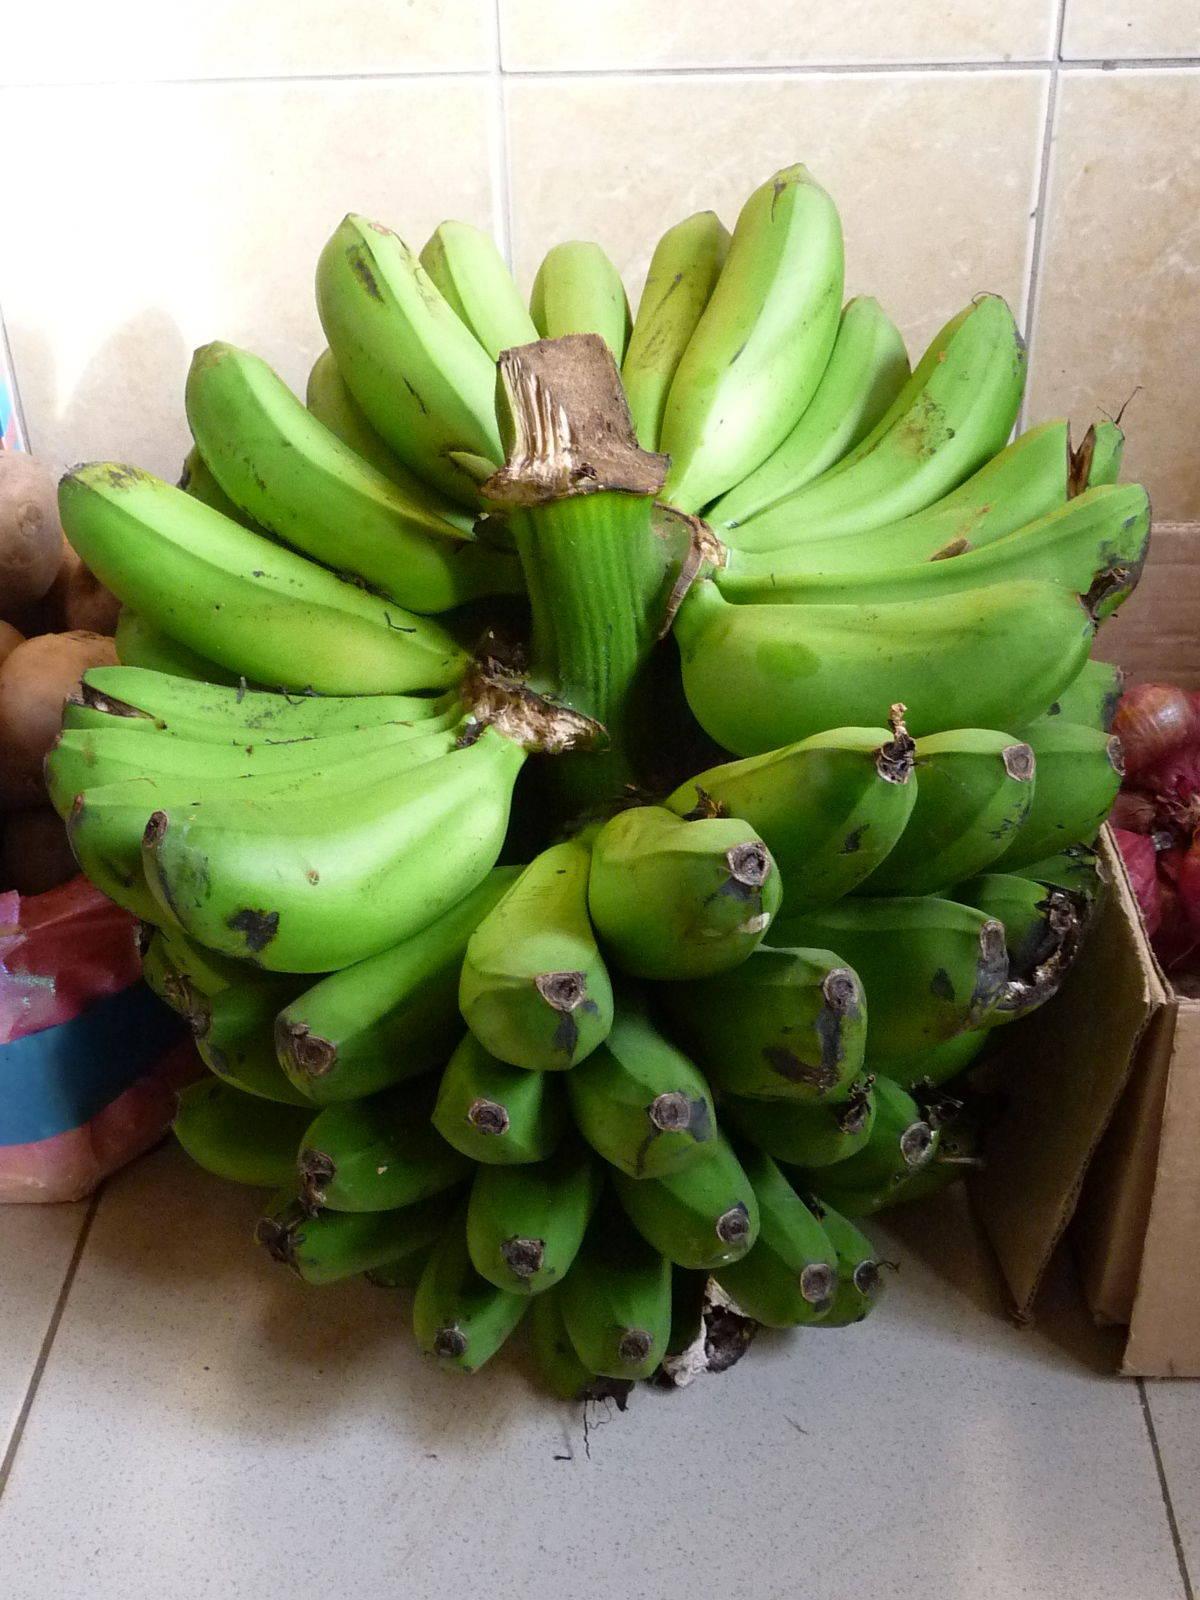 unripe plantains (matoke)